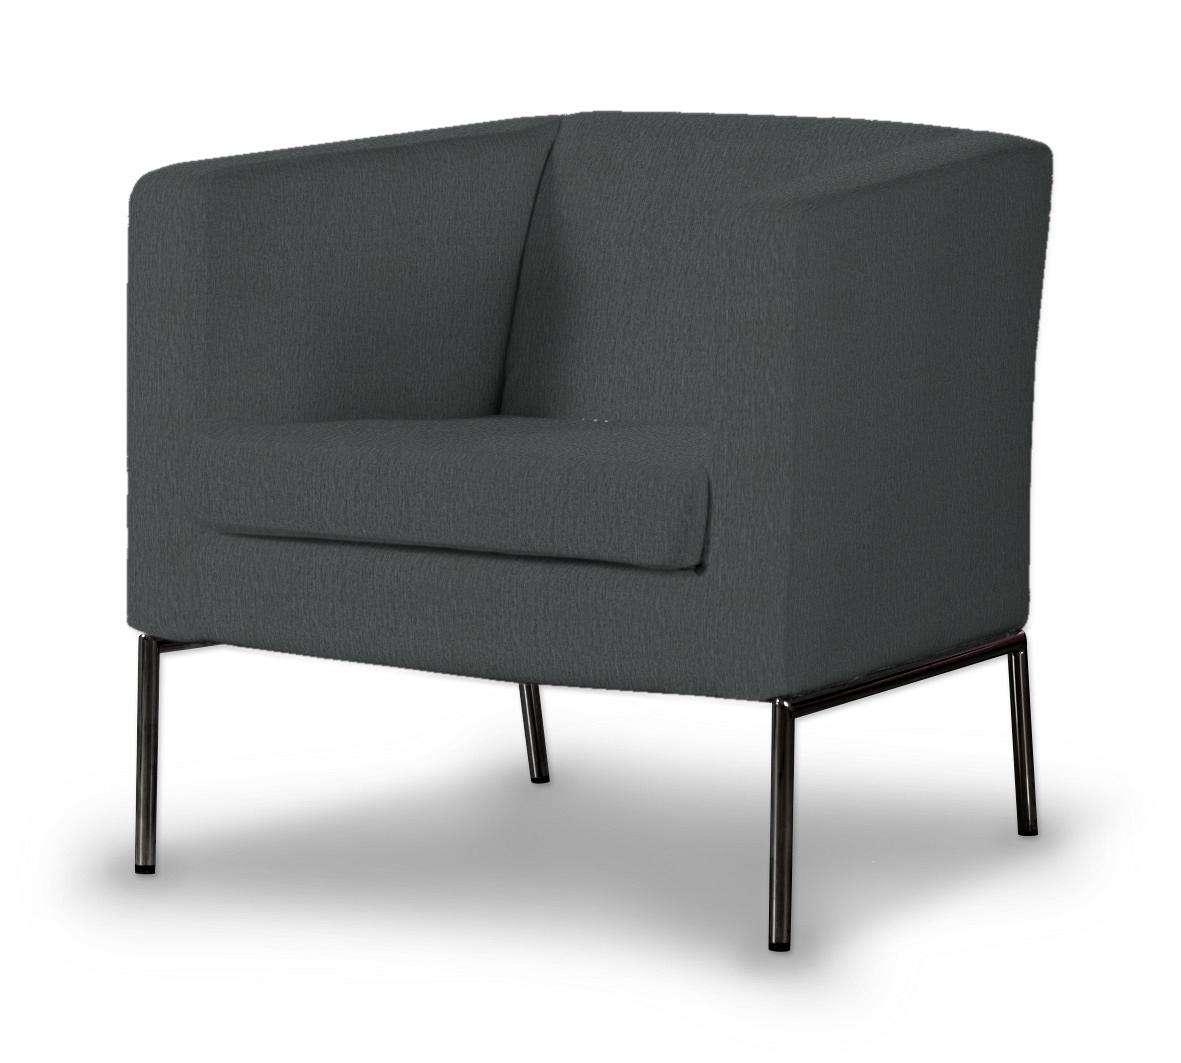 Pokrowiec na fotel Klappsta Fotel Klappsta w kolekcji Chenille, tkanina: 702-20